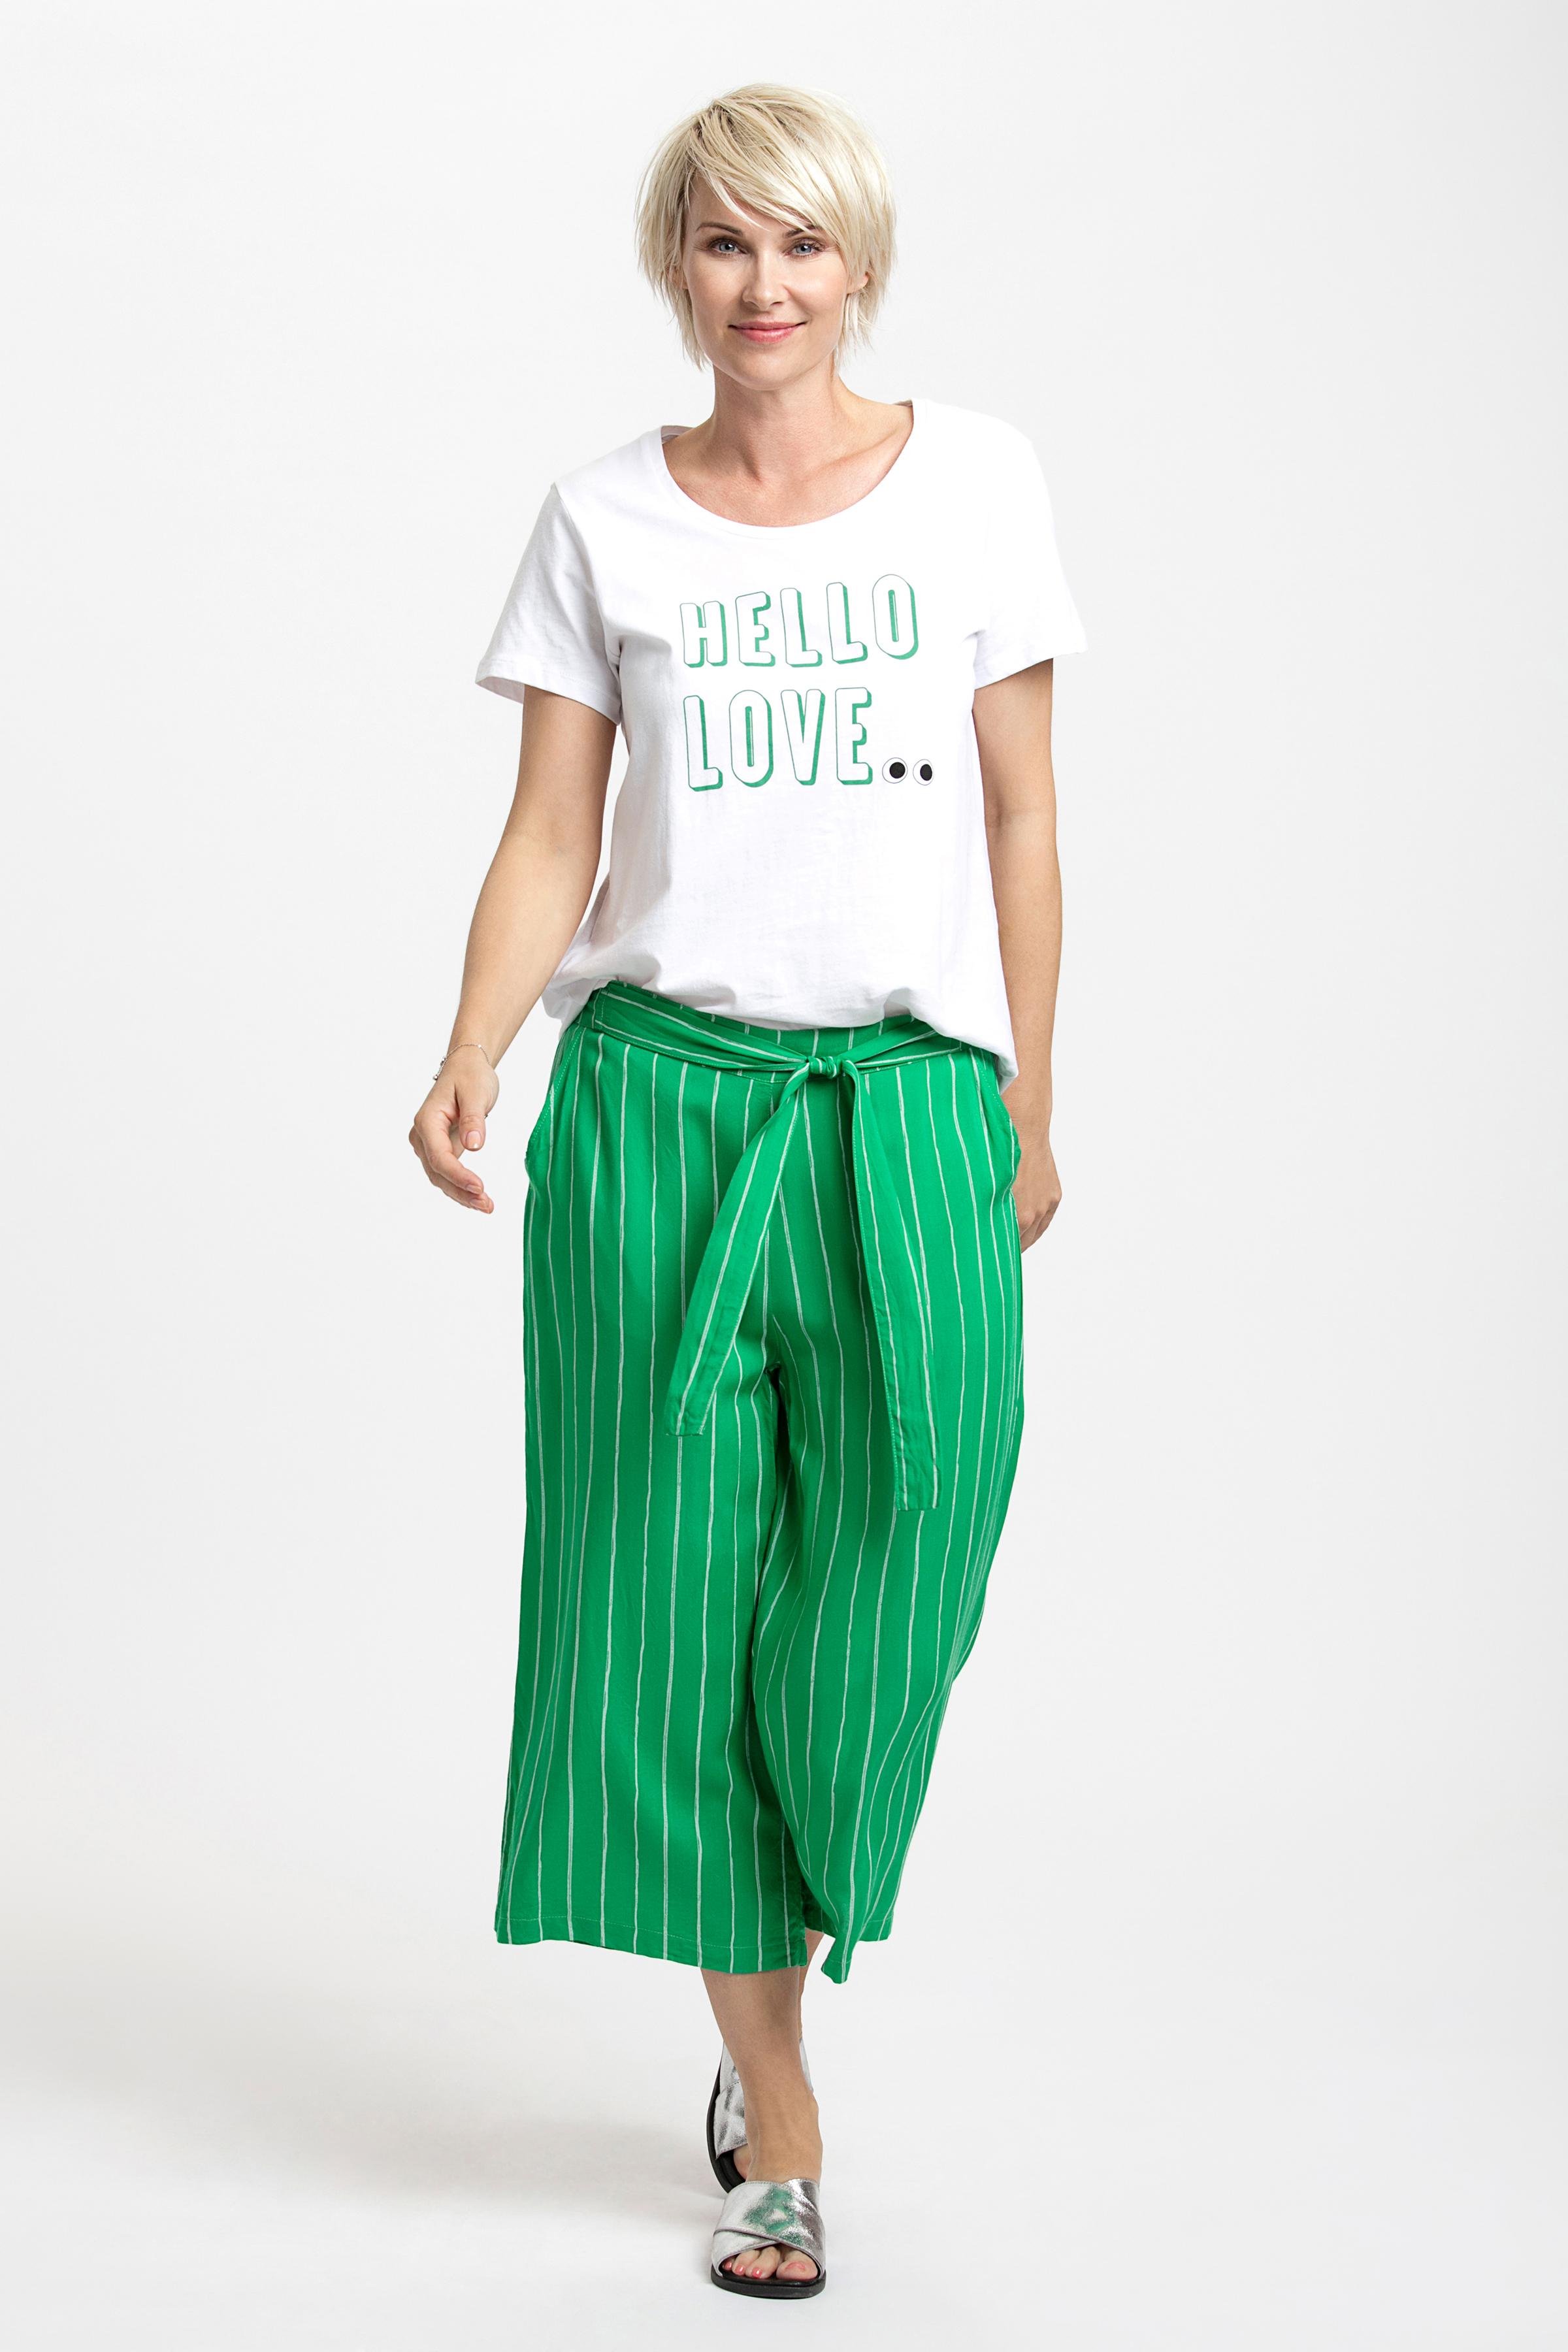 Grün/weiss